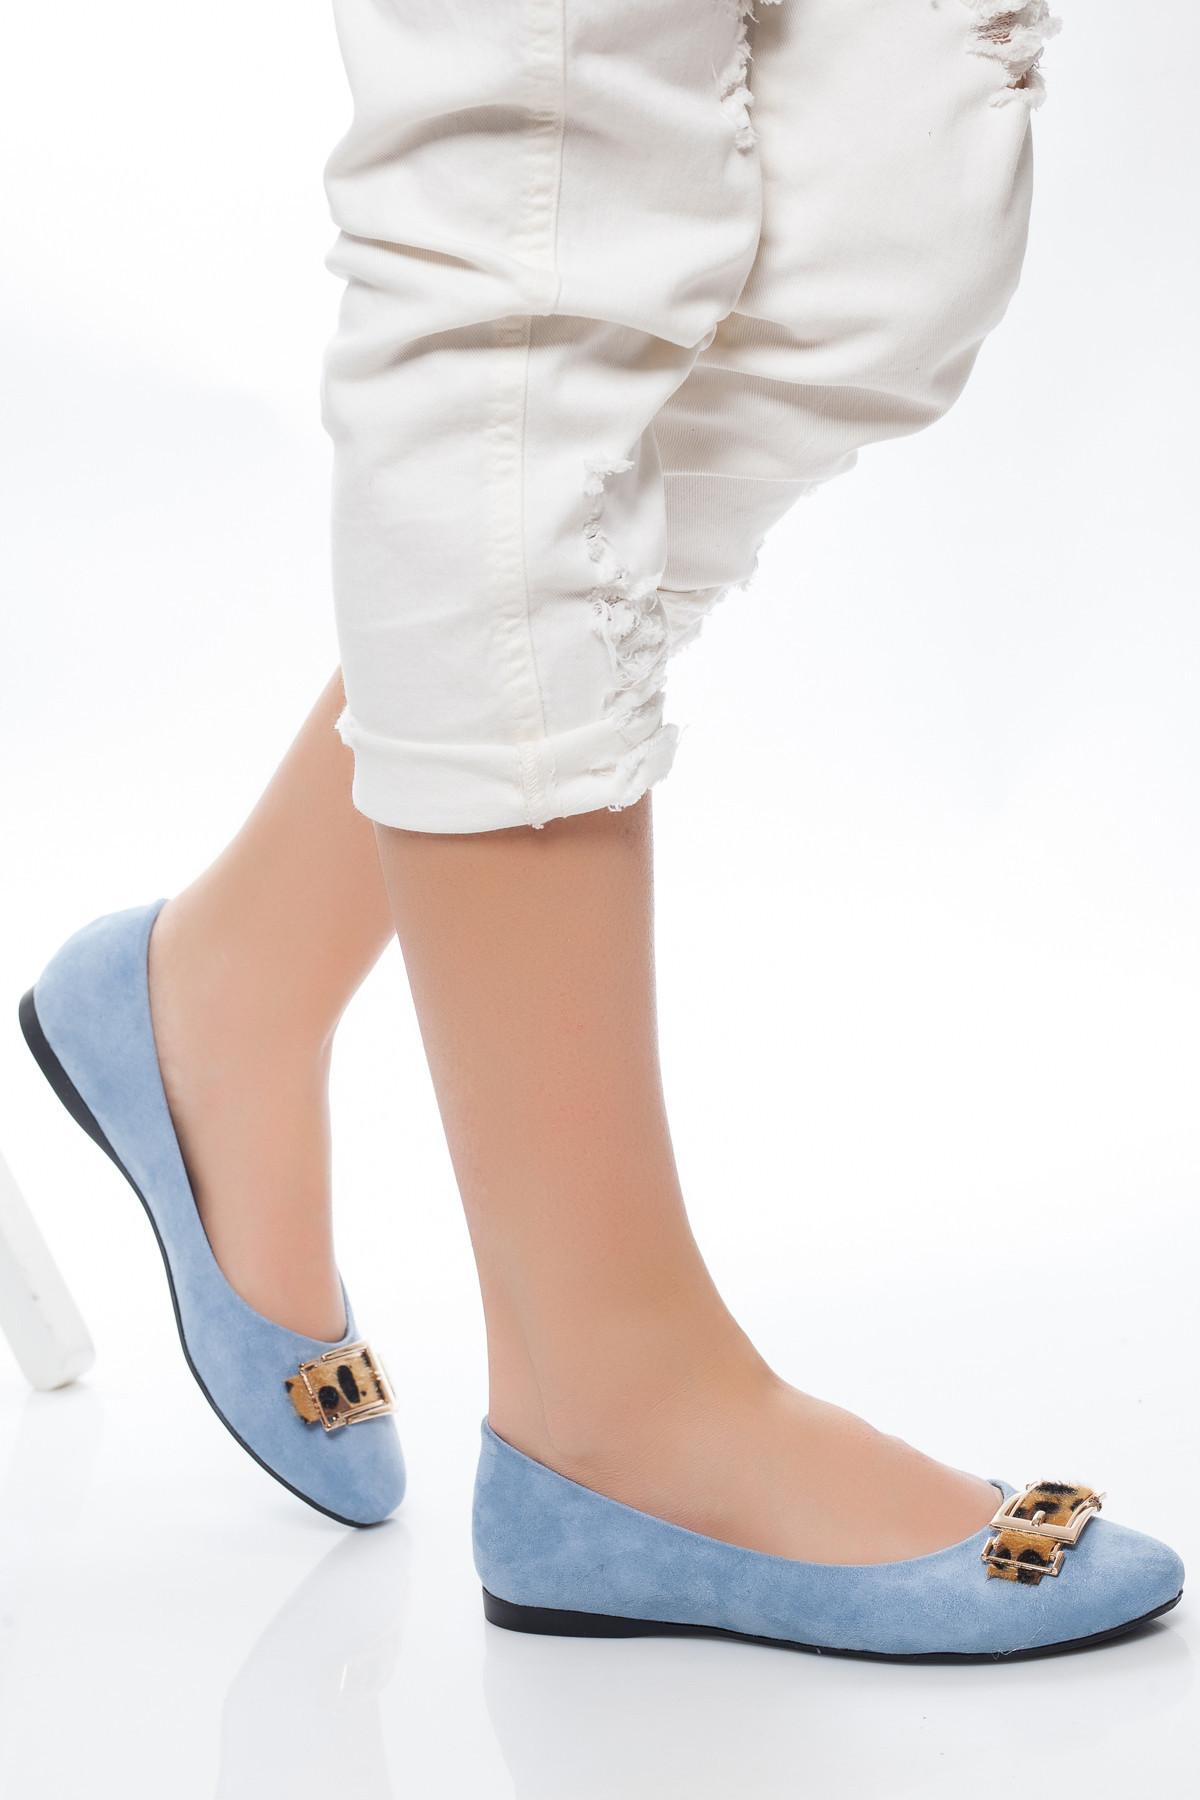 Mavi Leopar Tokalı Babet